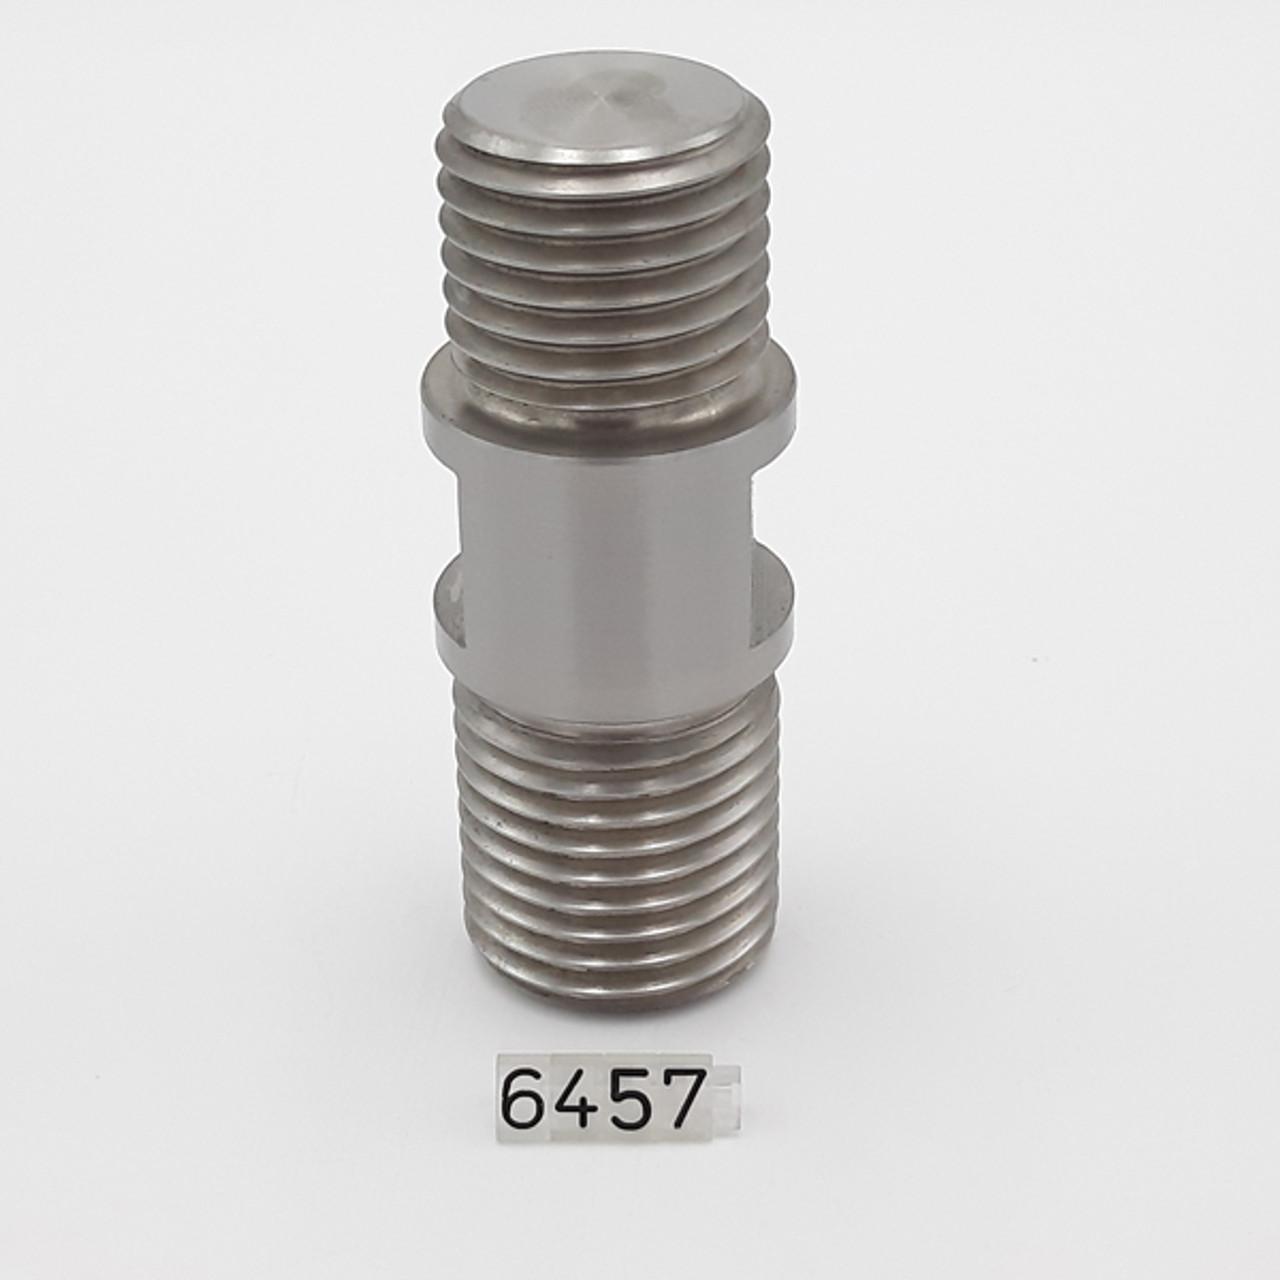 Talsa F-805 - S/S Lid Bolt - 6450 & 6457